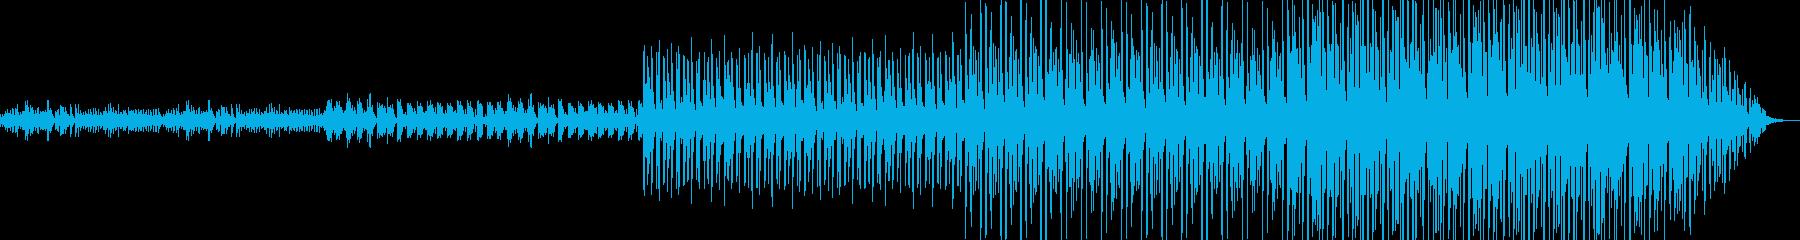 徐々に盛り上がるR&B.EDMの再生済みの波形